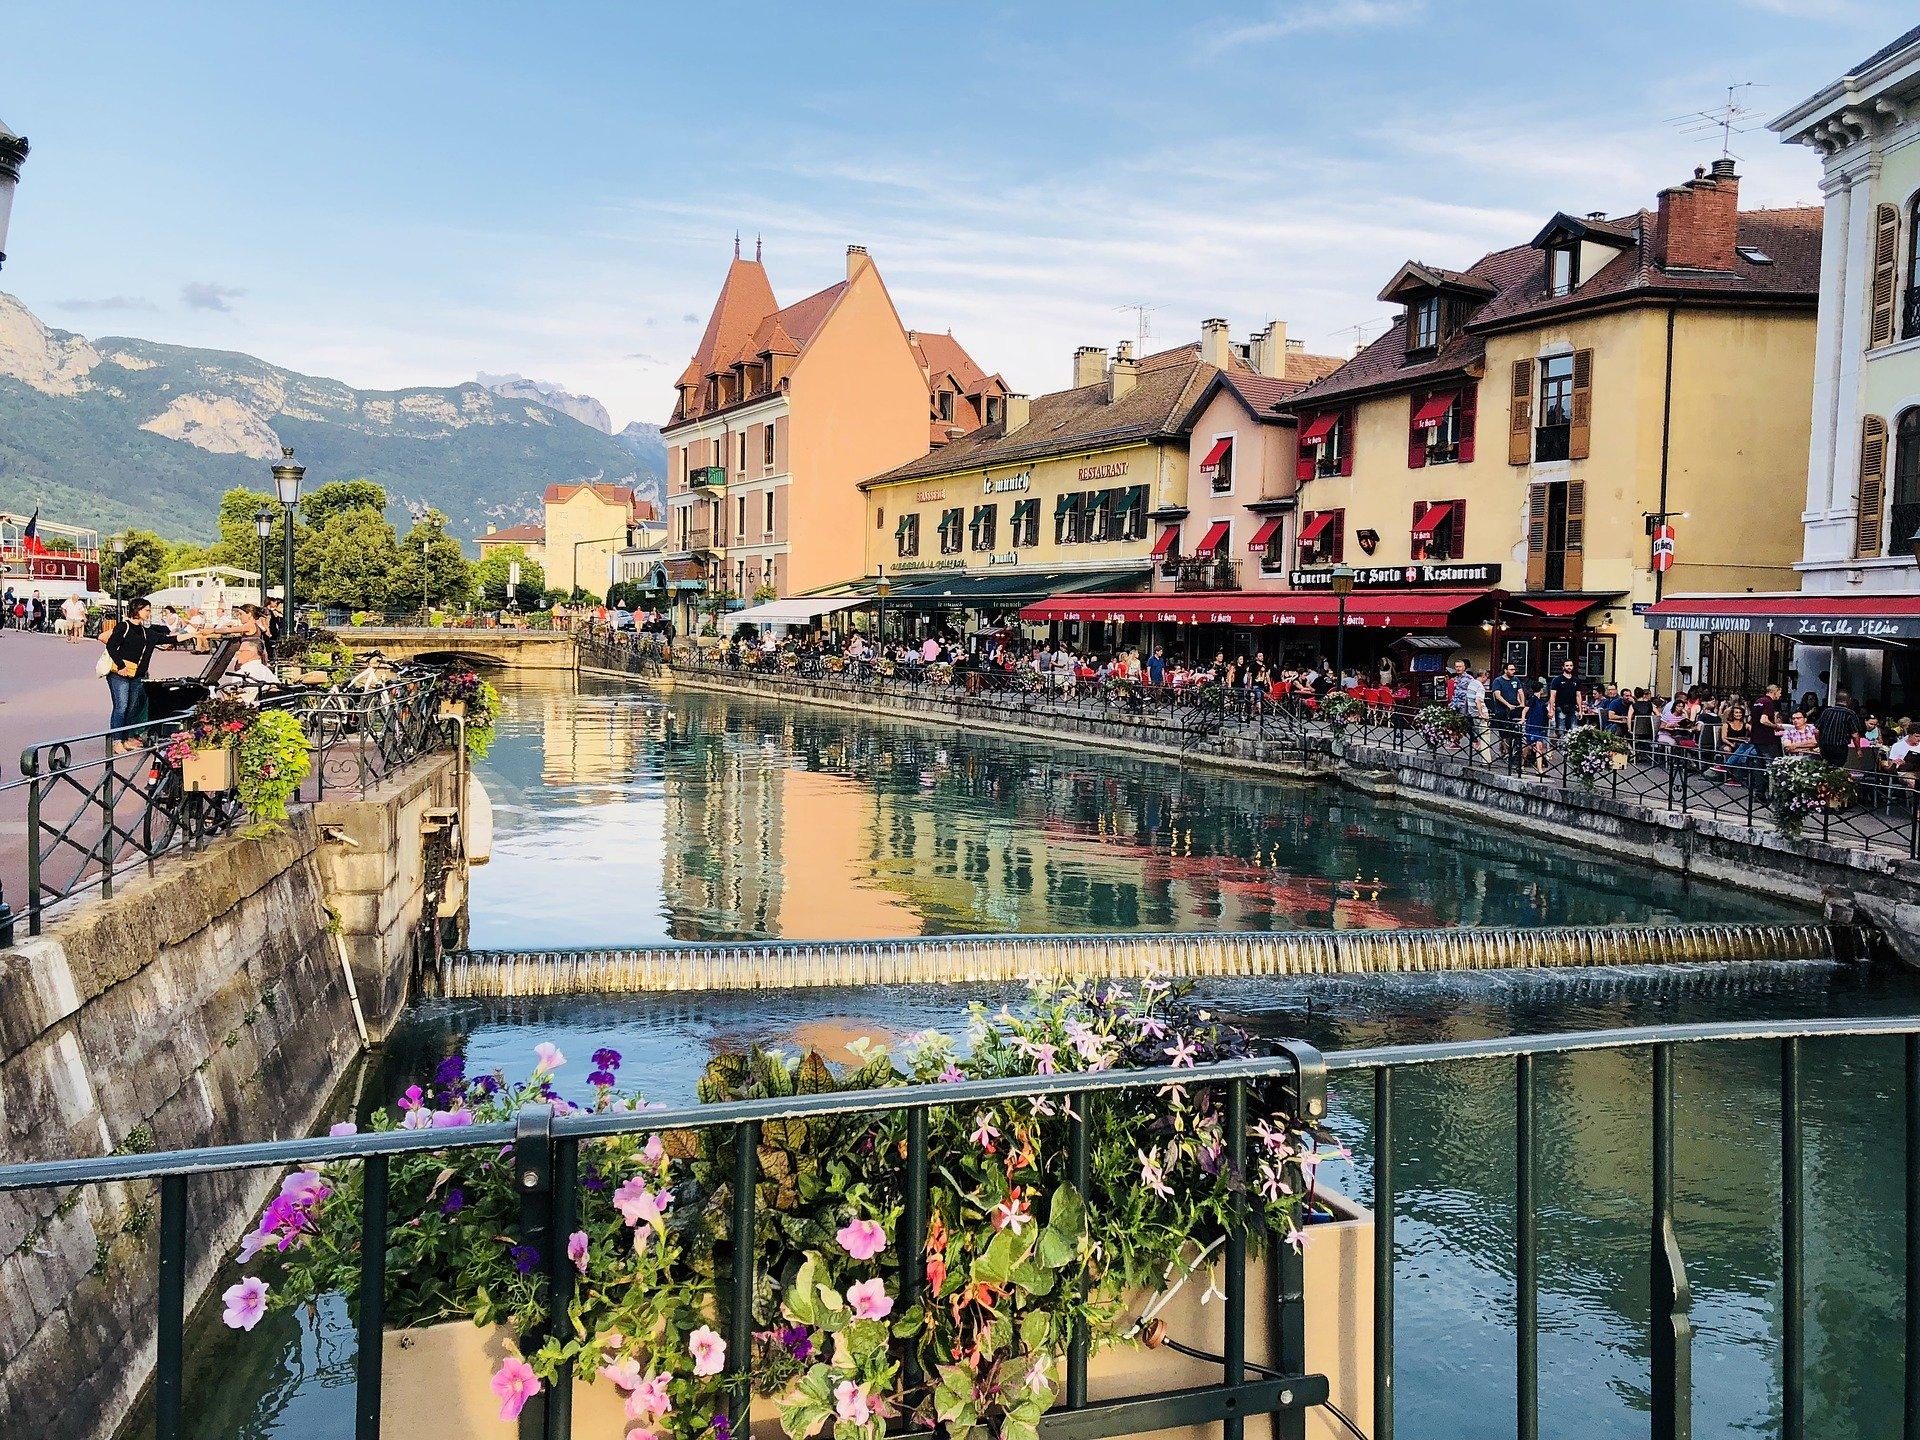 Grand Genève en France voisine, Annecy ballade sur canaux